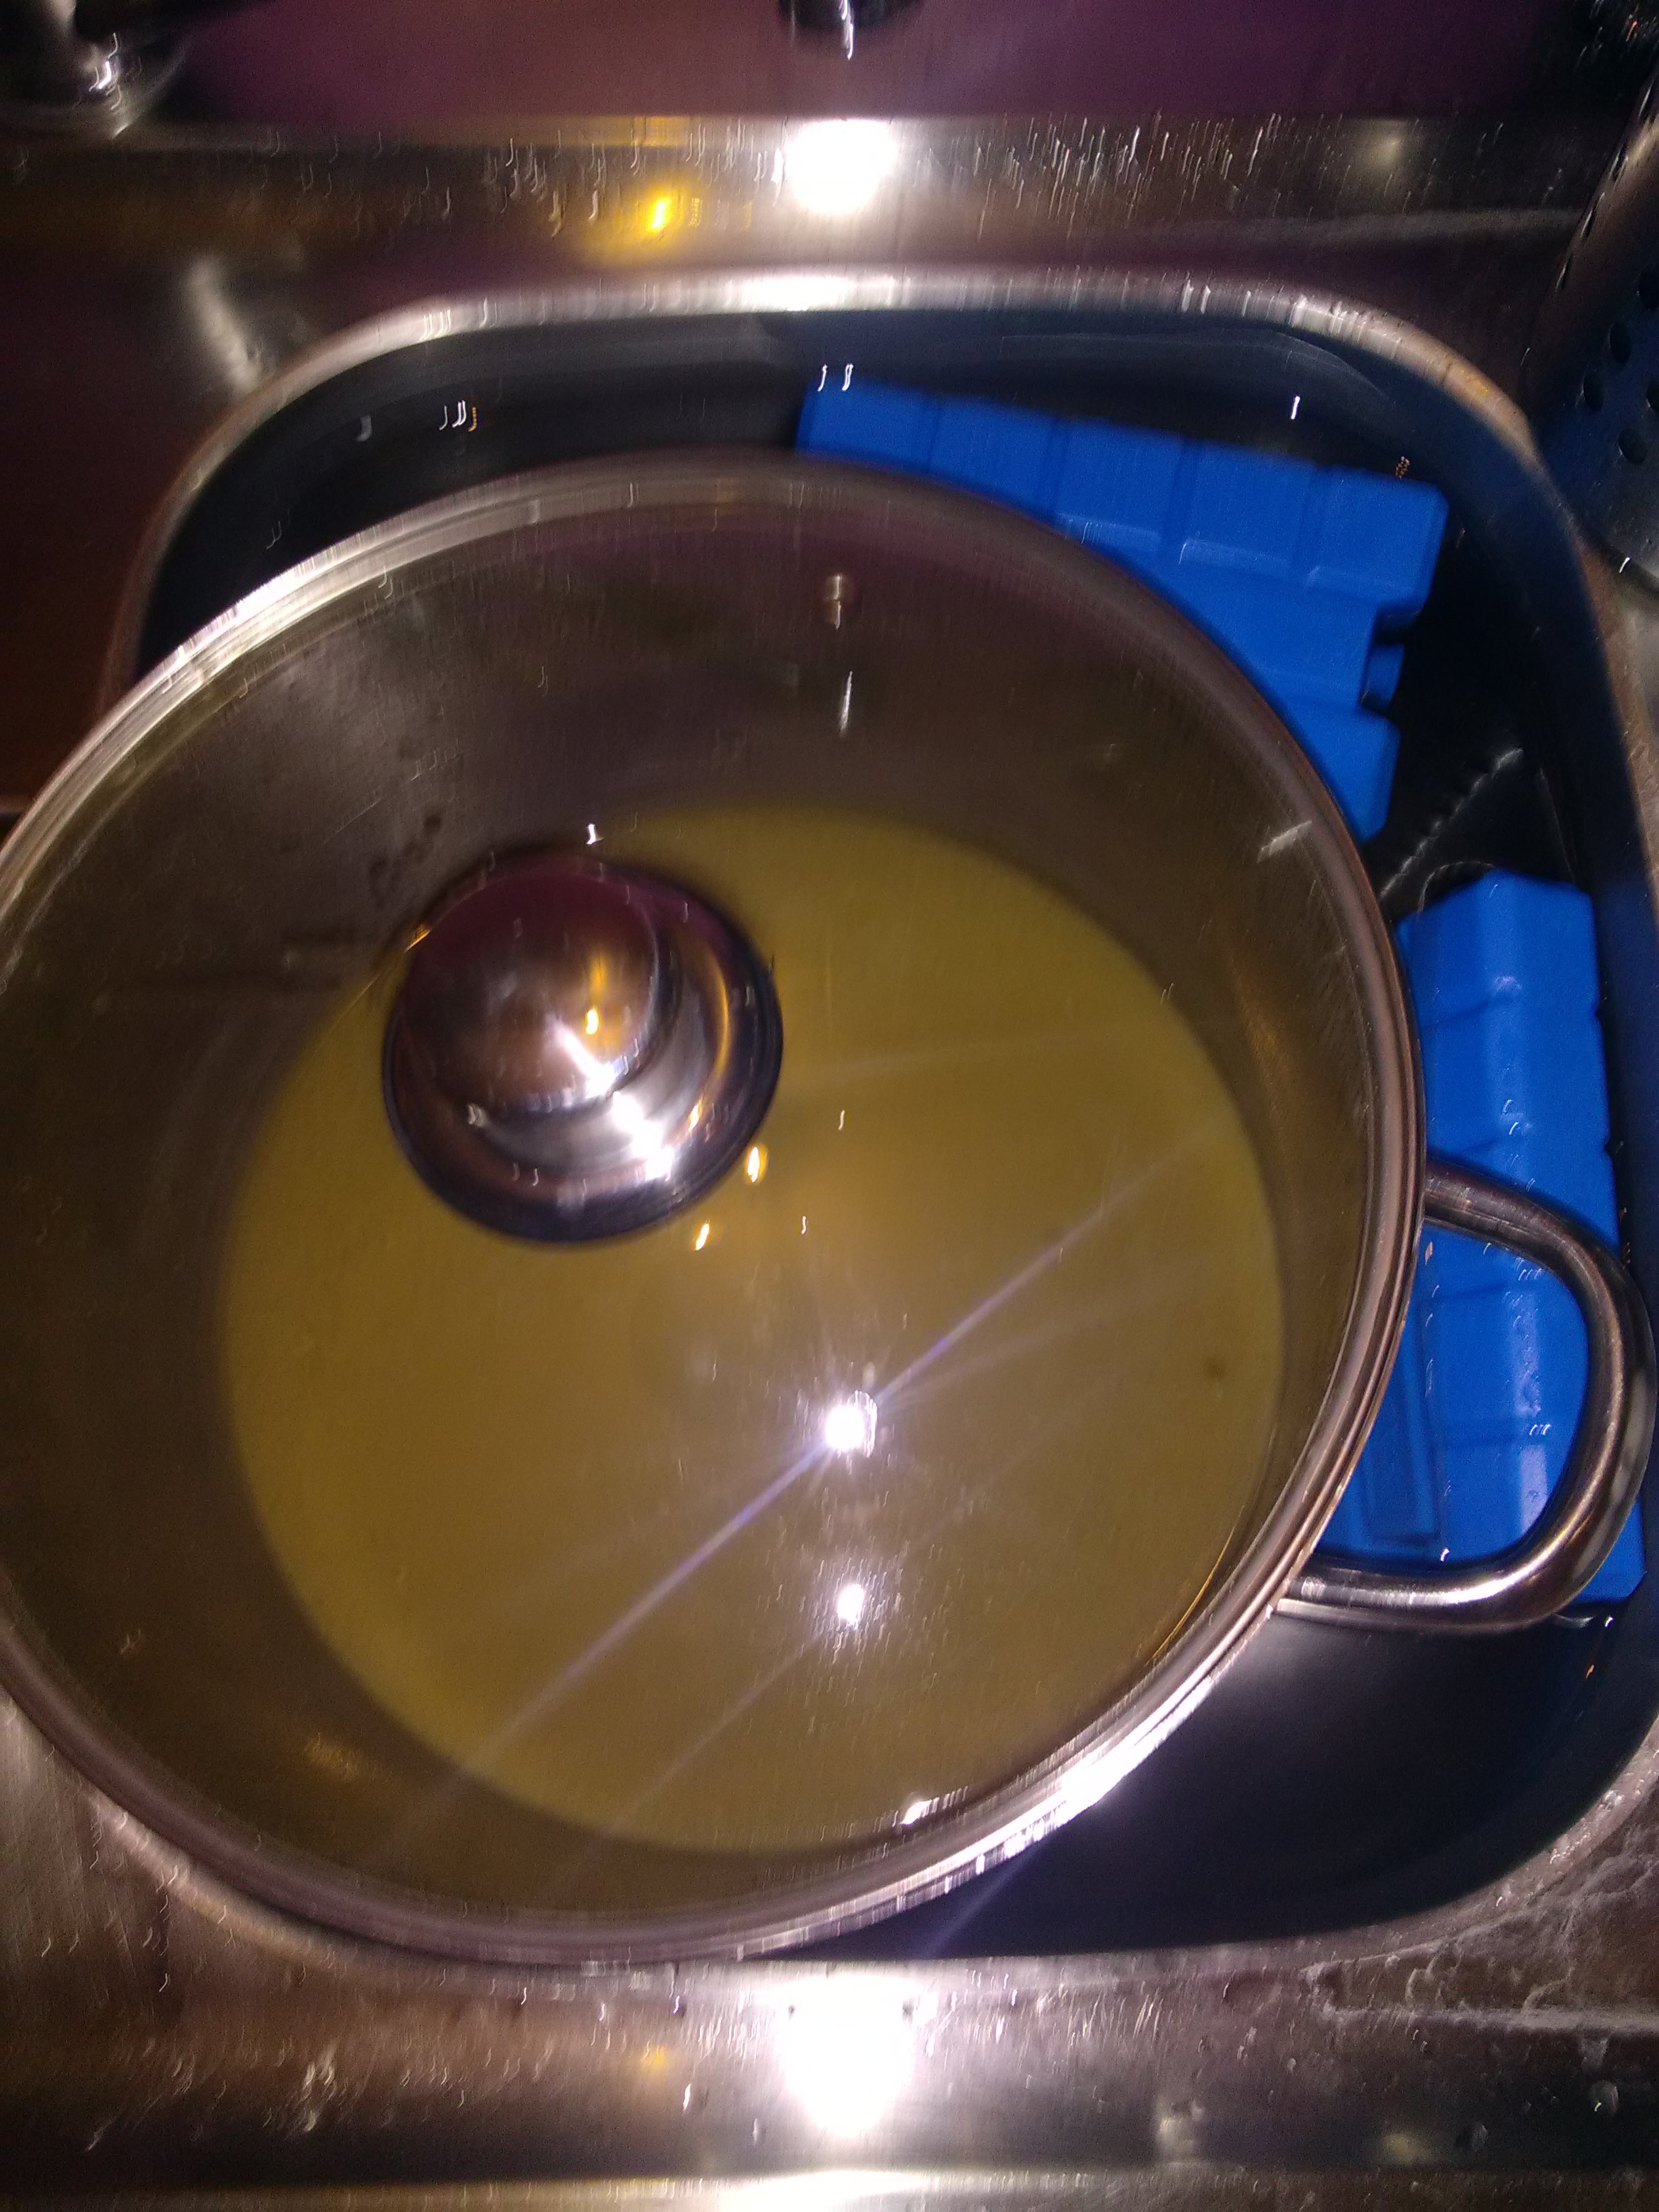 Le refroidissement a pour but de faire baisser la température du mout afin d'y incorporer les levures.